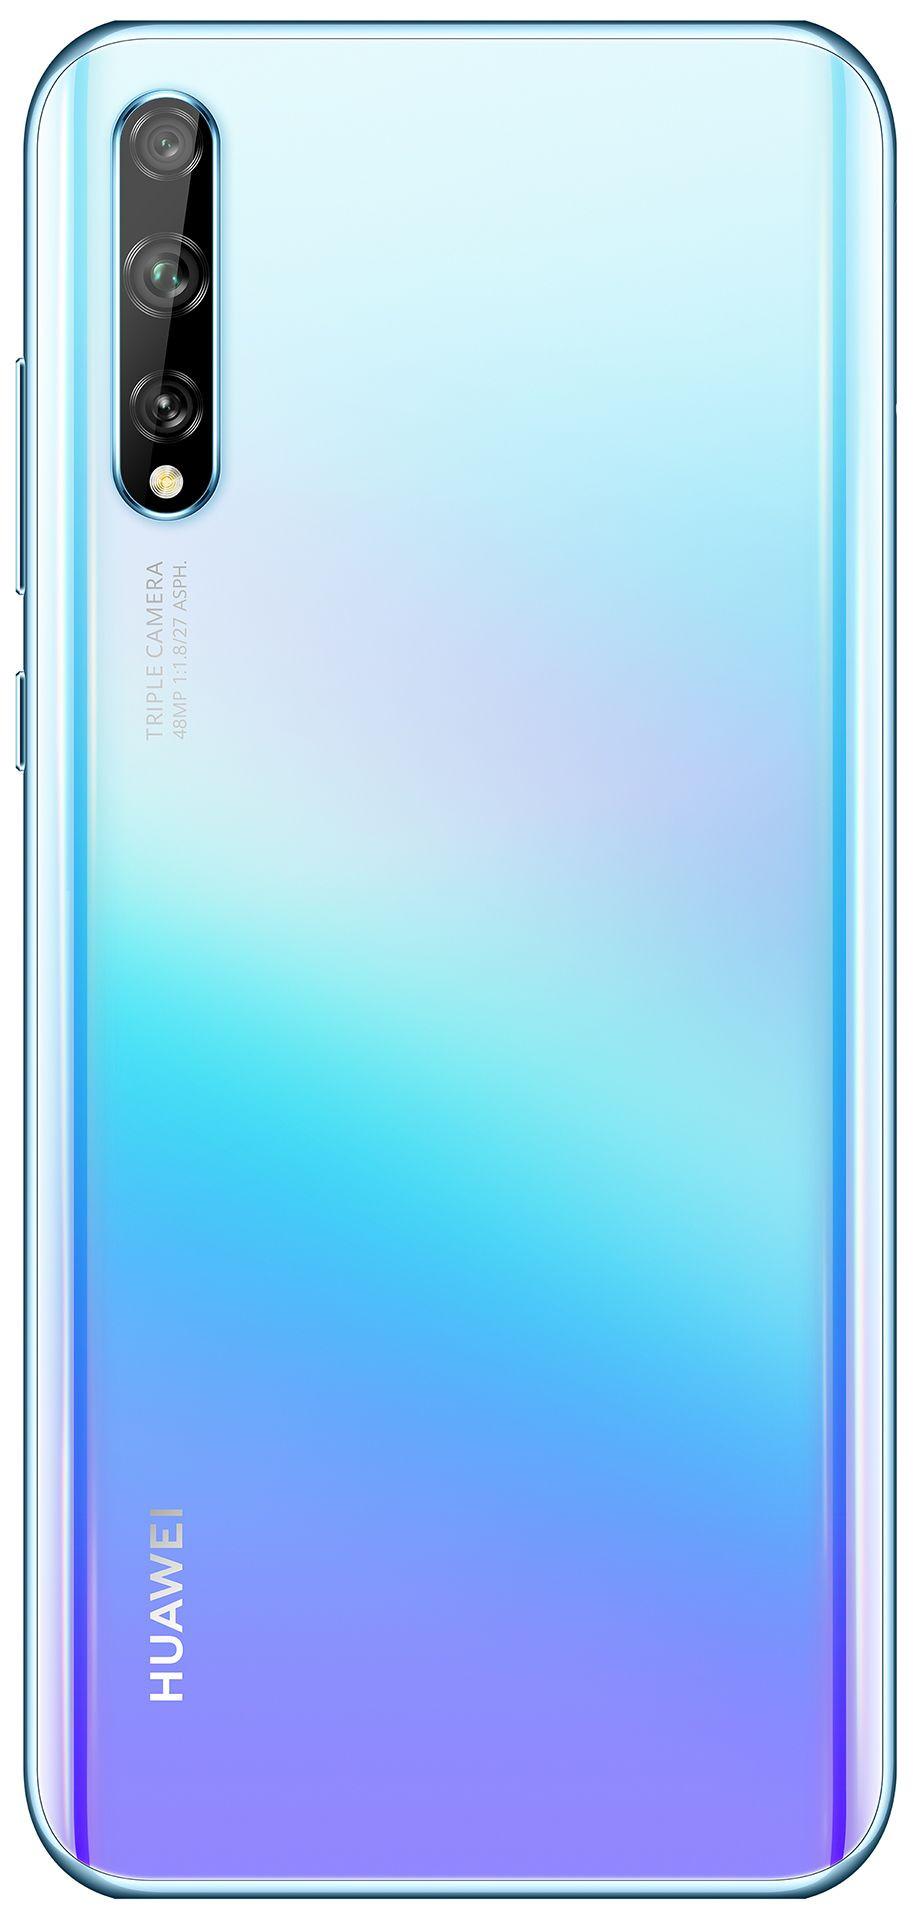 Huawei P Smart S etkileyici Türkiye fiyatı ile satışta - Page 2